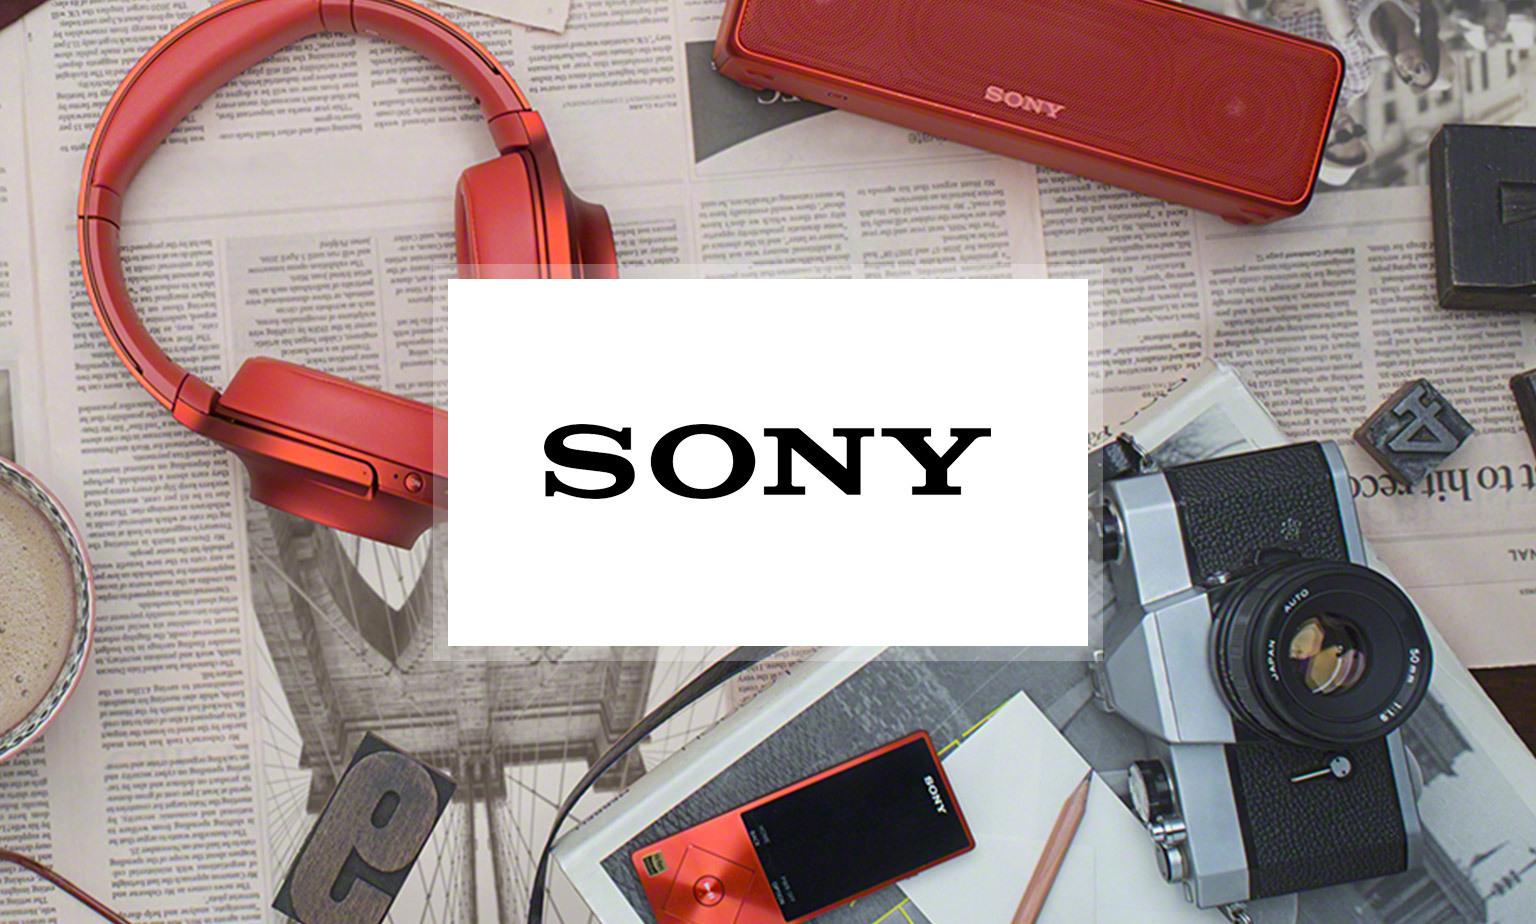 Shop Sony eBay